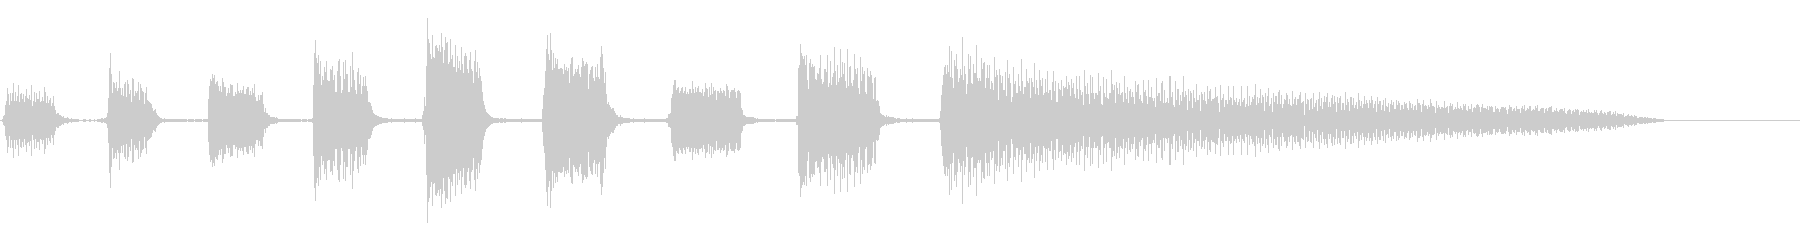 エレキギター:ショートアクセント、...の未再生の波形